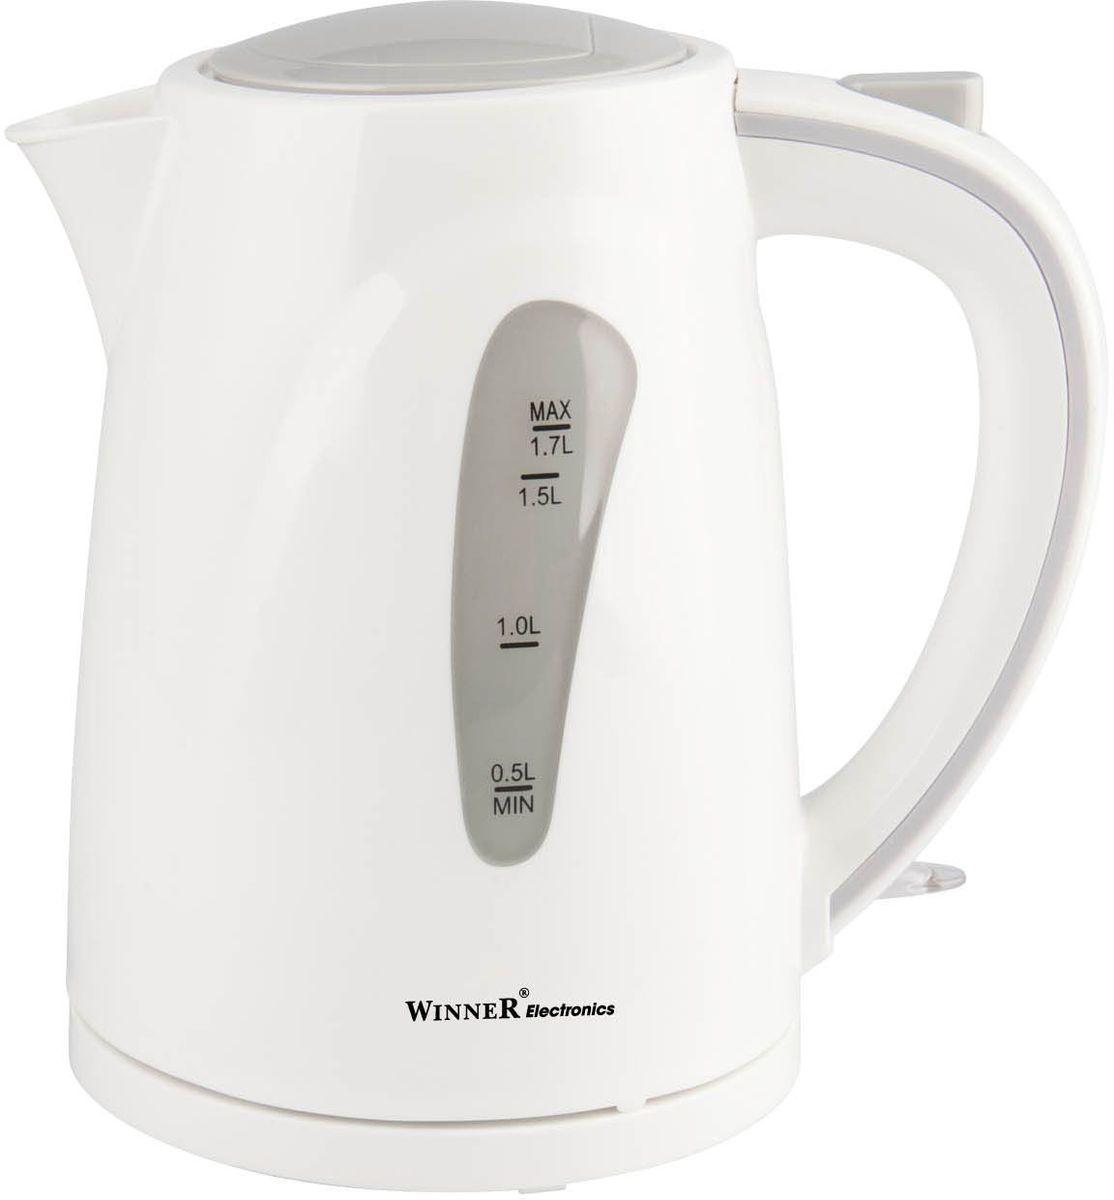 Winner WR-121, White электрический чайникWR-121В чайнике Winner WR-121 гармонично сочетаются отличные эксплуатационные характеристики и эргономичный дизайн. Нагревательный элемент из нержавеющей стали обеспечивает быстрое закипание воды. Наполнять прибор можно через носик, не открывая крышки. Противоскользящее покрытие гарантирует устойчивость. Вы можете быть уверены в безопасности использования прибора благодаря функции автоматического отключения при отсутствии воды и после закипания.